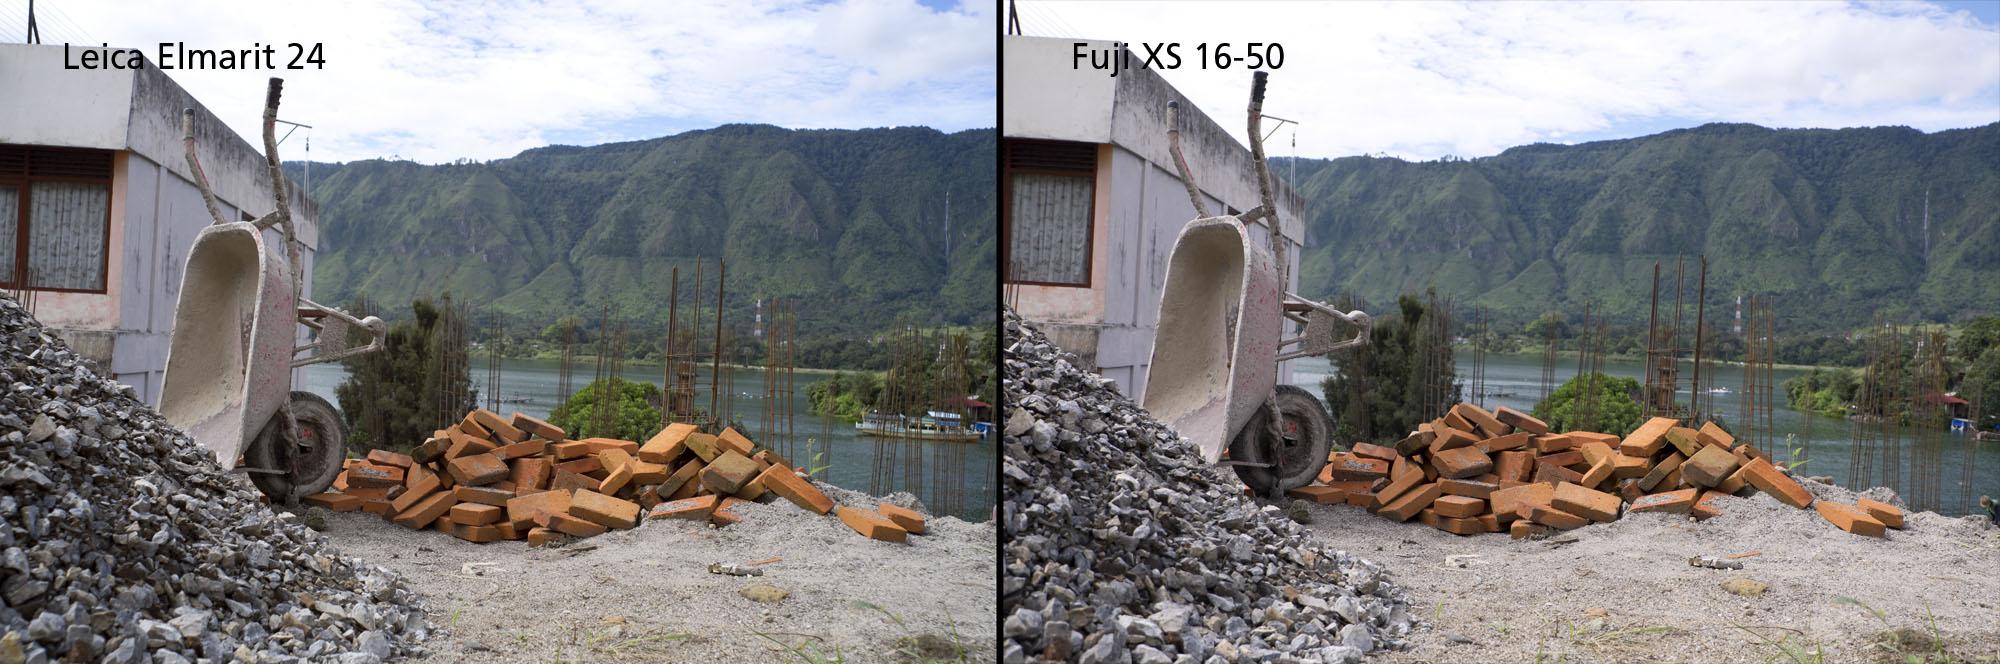 Test Fuji XS 16-50 versus Leica M Elmarit 24